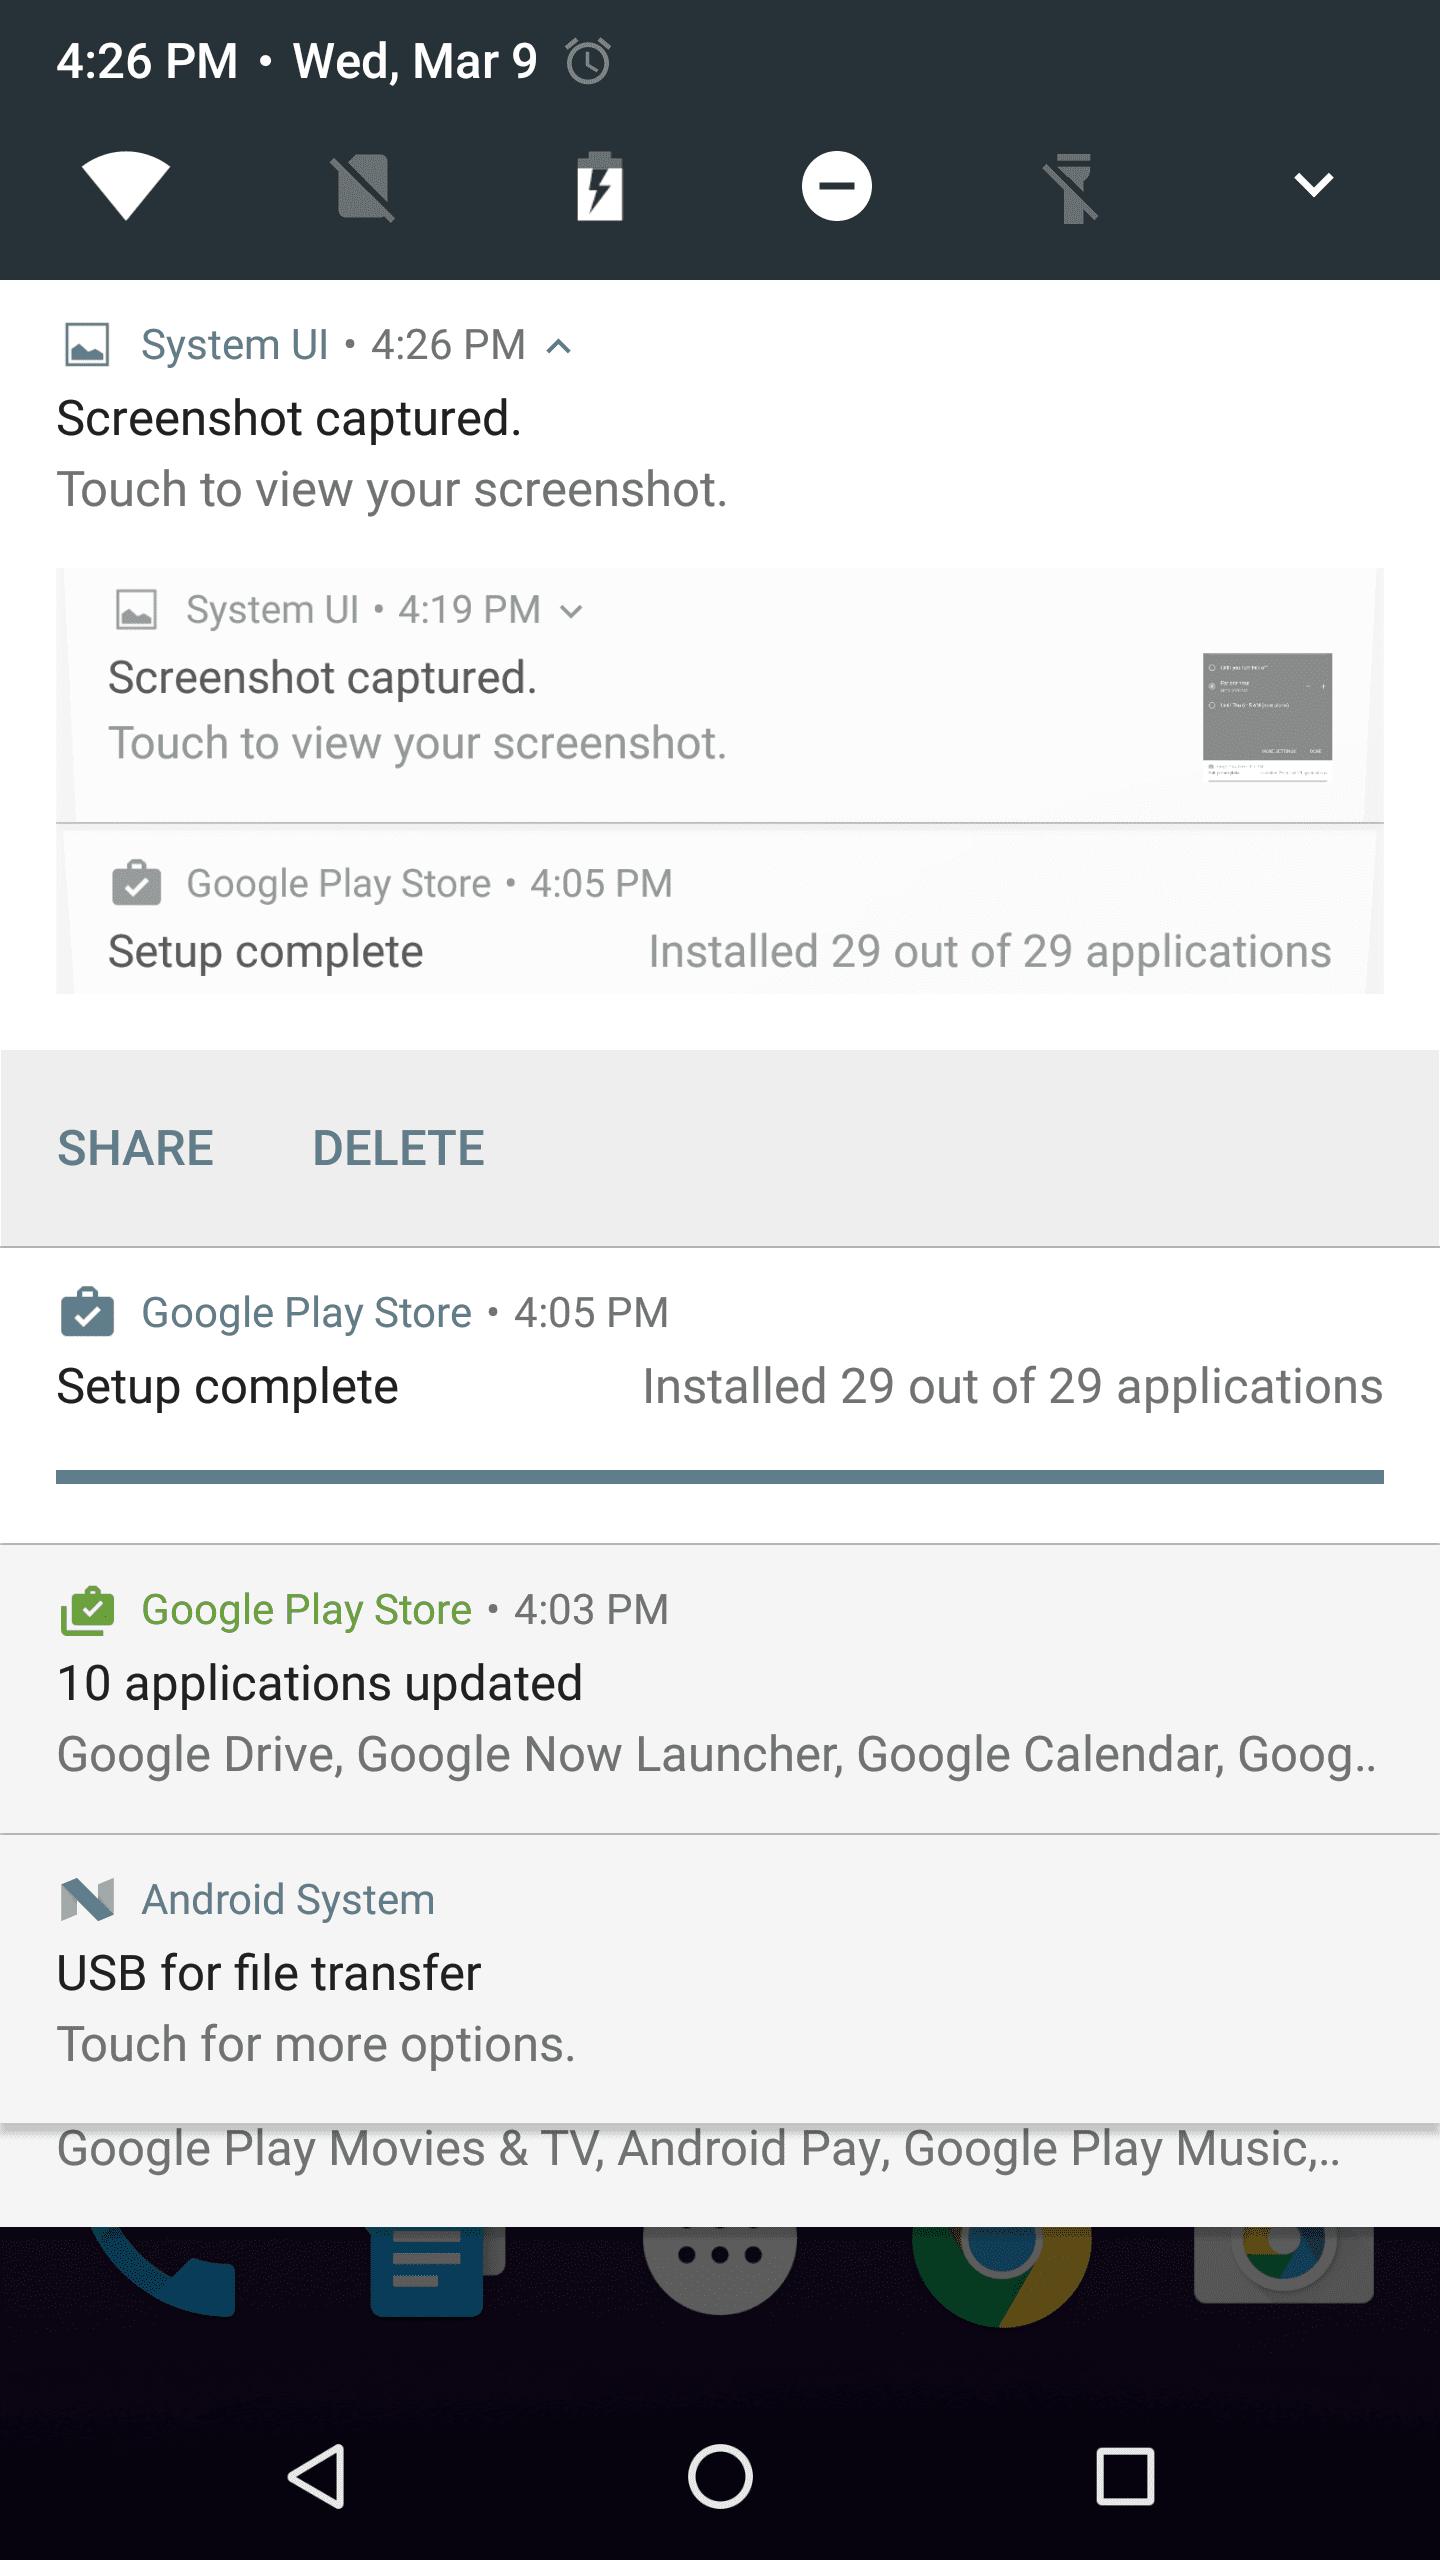 تغییرات جدید منوی تنظیمات در اندروید N